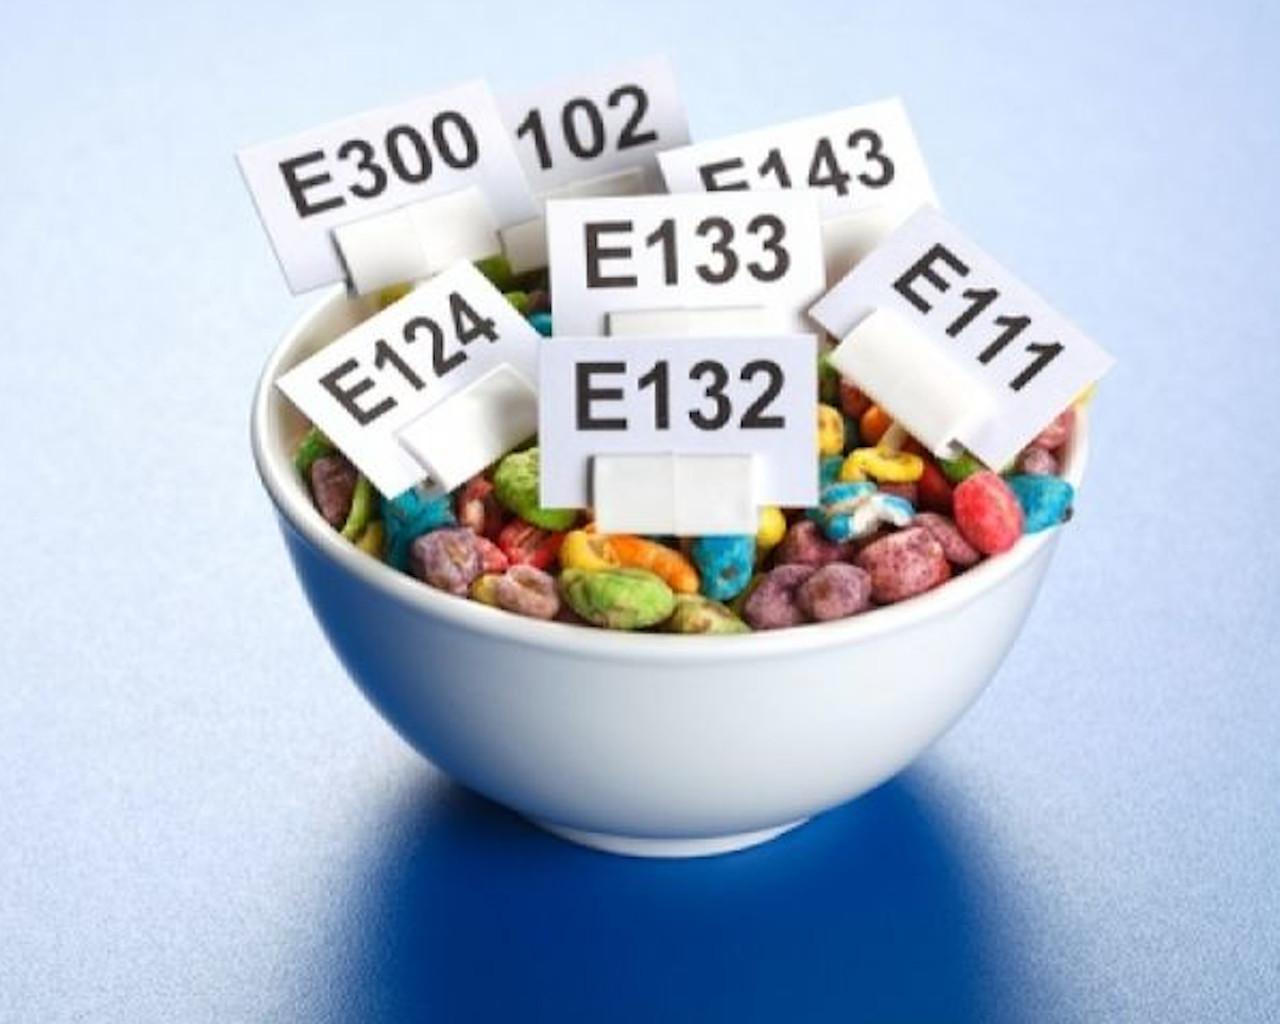 4 συστατικά στα τρόφιμα που ΠΡΕΠΕΙ να αποφύγεις όταν θες να χάσεις βάρος!